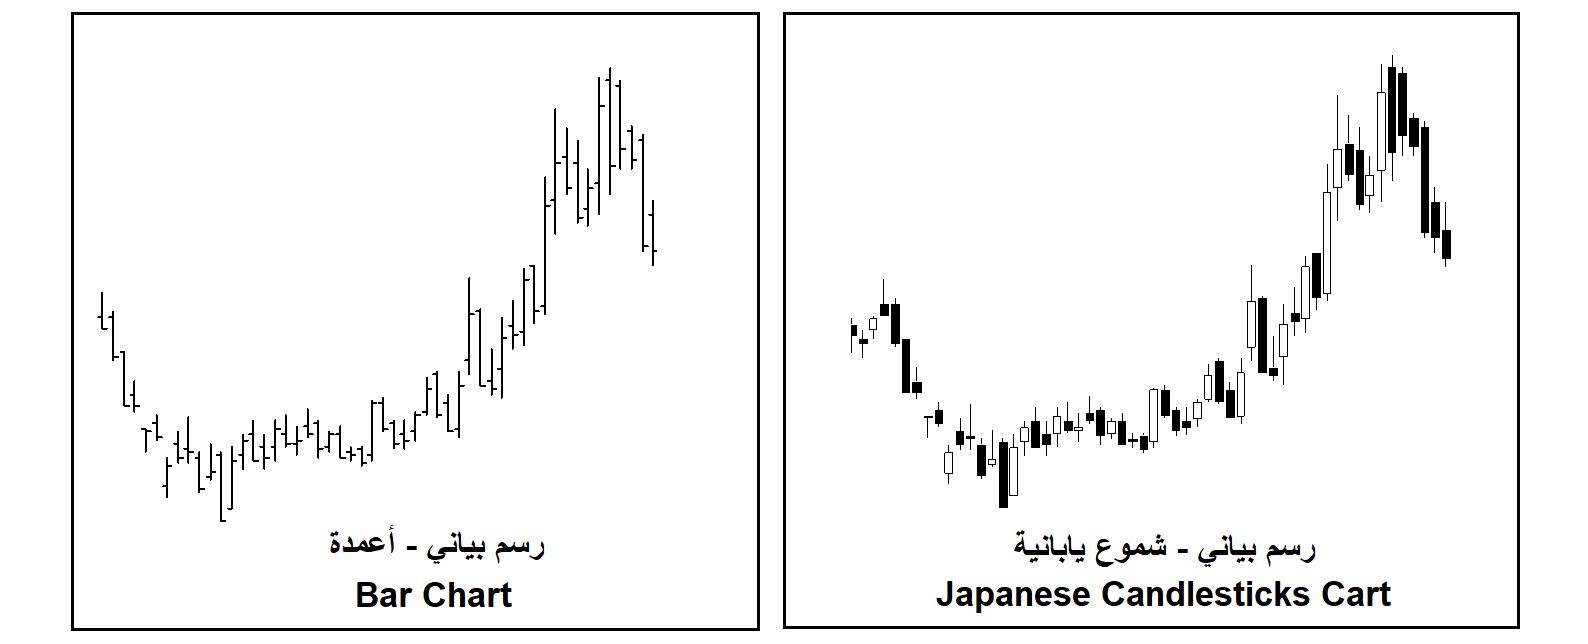 شكل (1) - الرسم البياني بالشموع اليابانية والرسم البياني بالأعمدة.